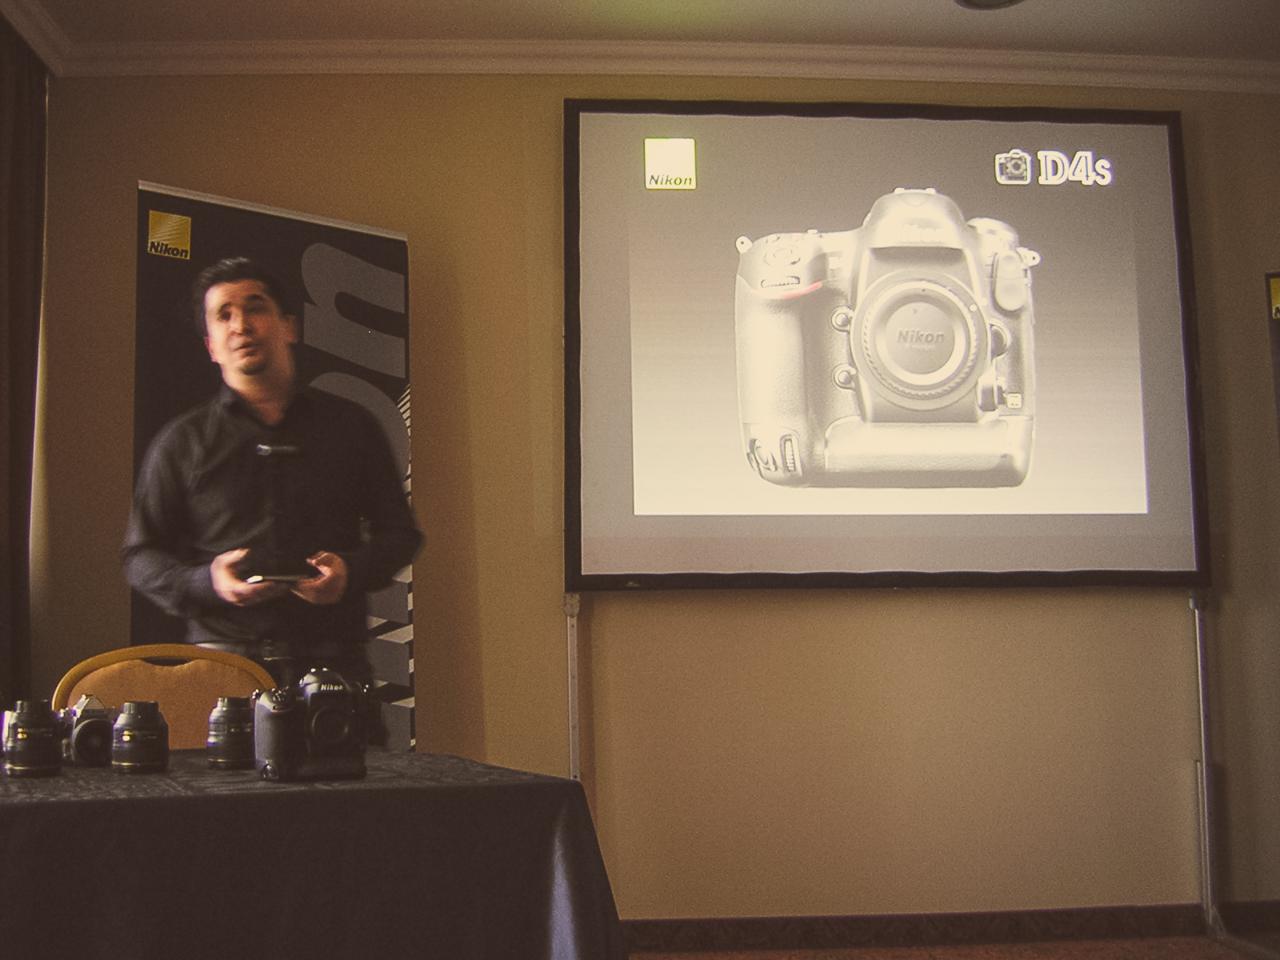 Kaszás Gergely prezentálta végig a Nikon D4S csúcsvázat